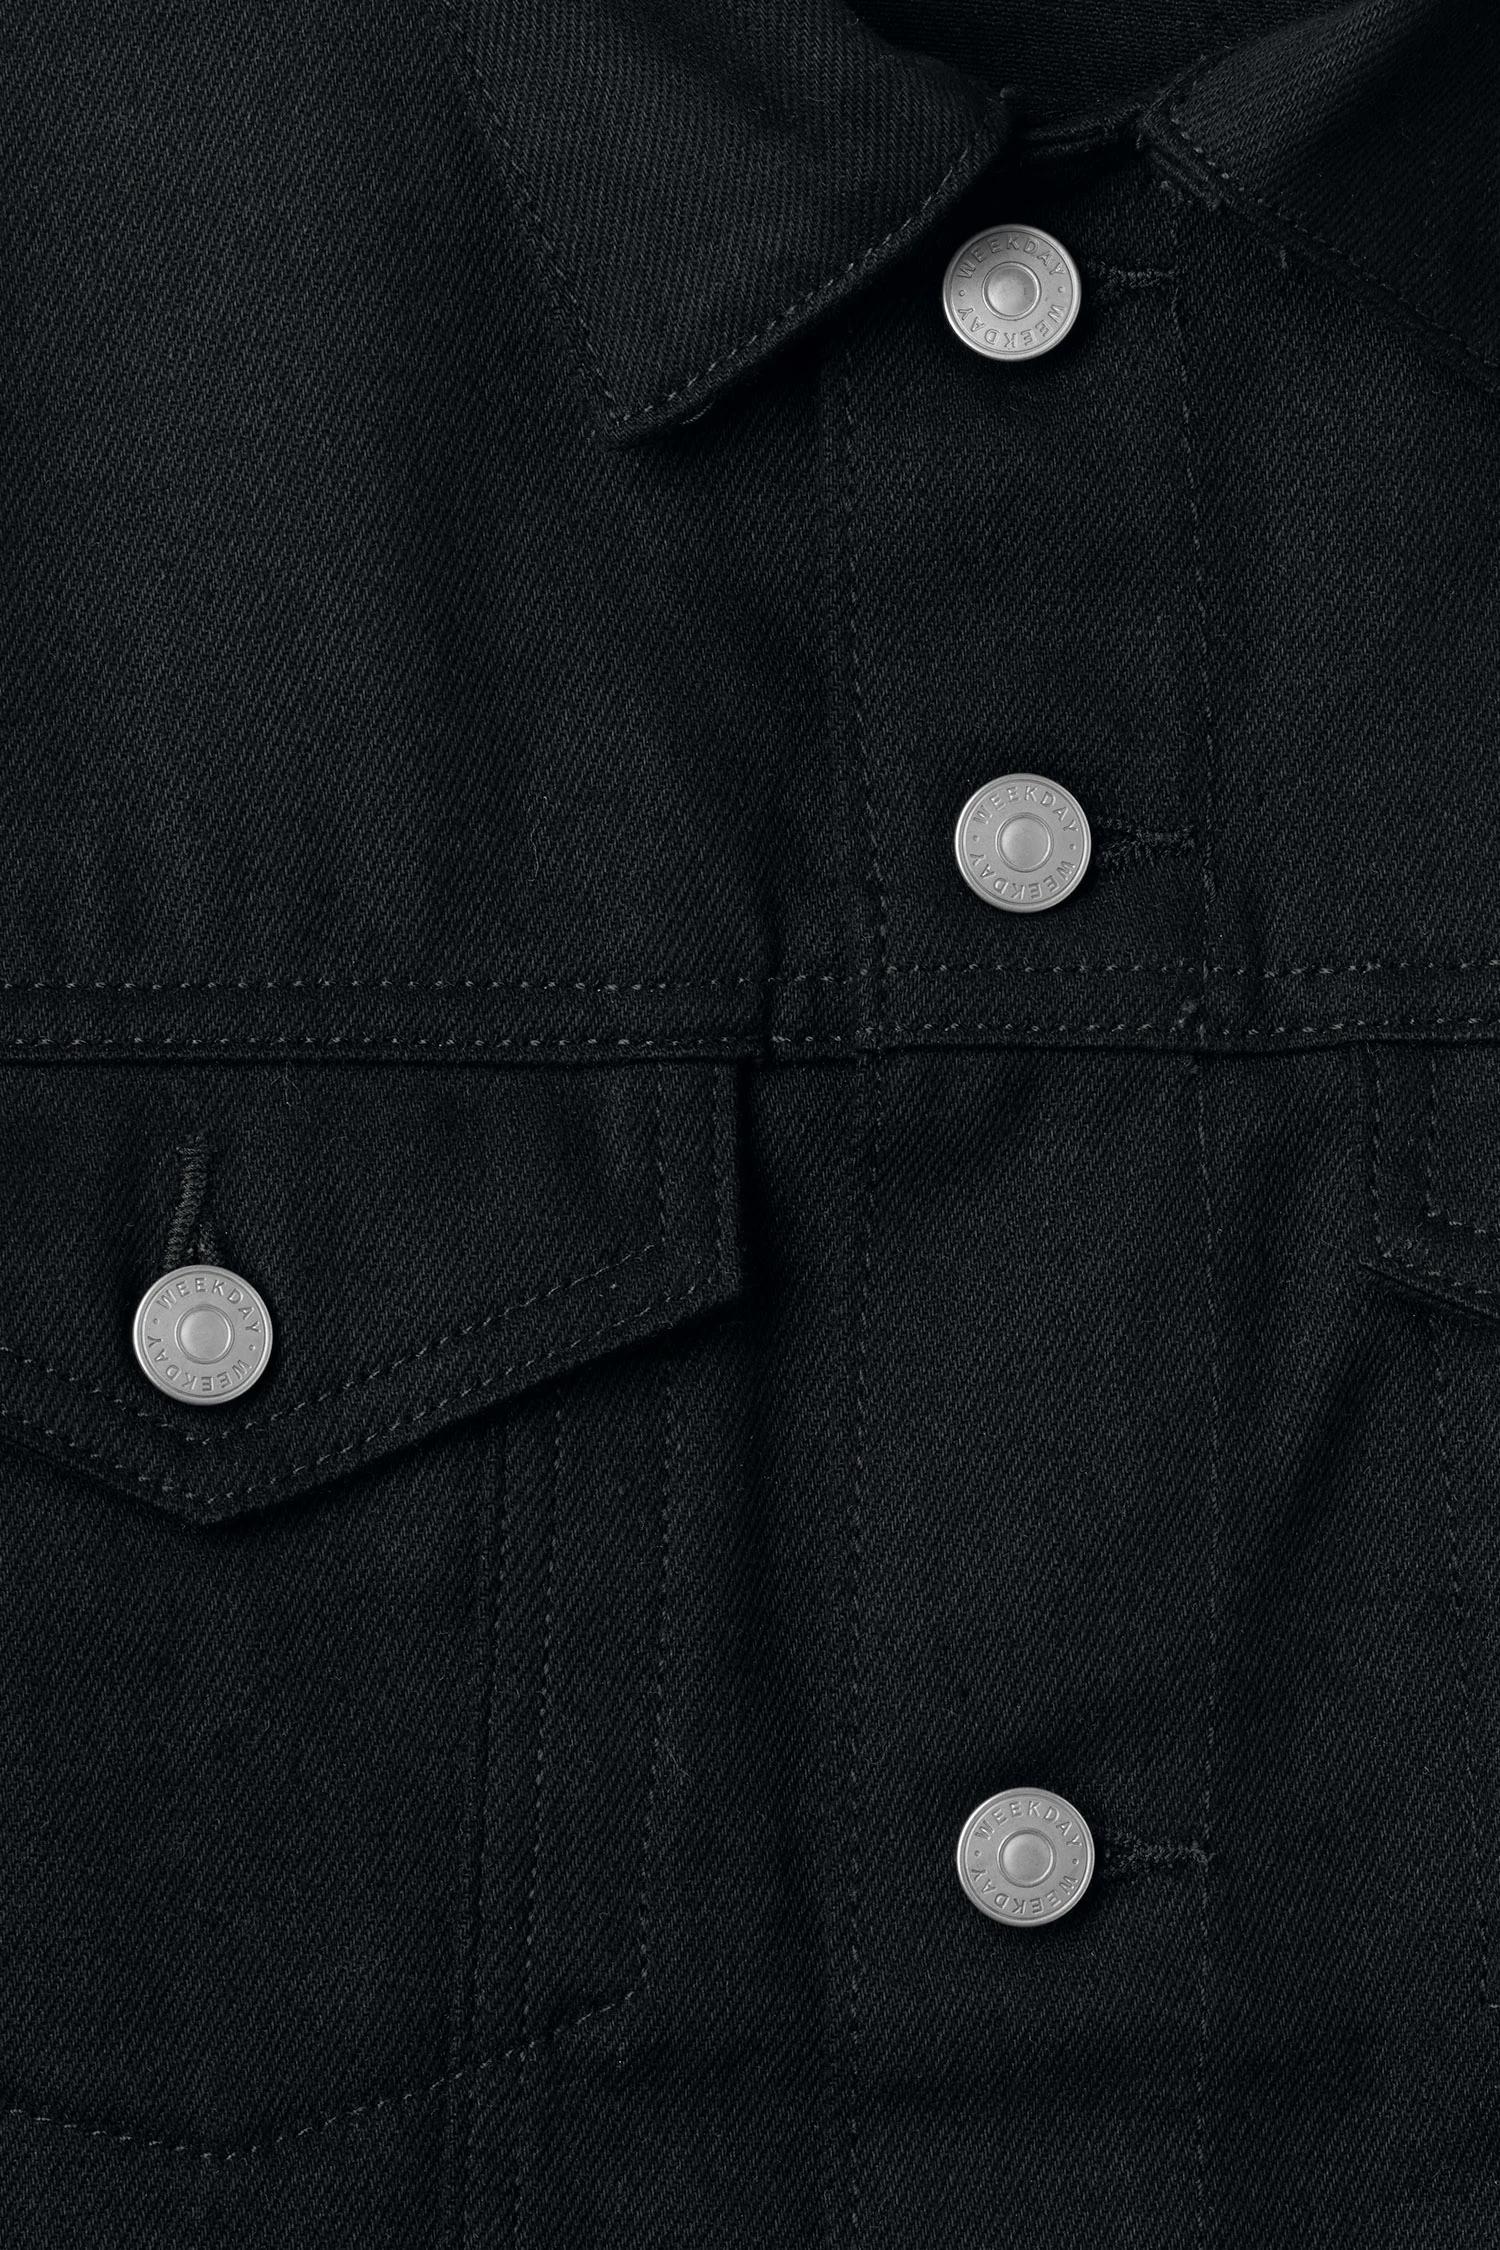 Weekday Denim Single Unwashed Black Jacket for Men